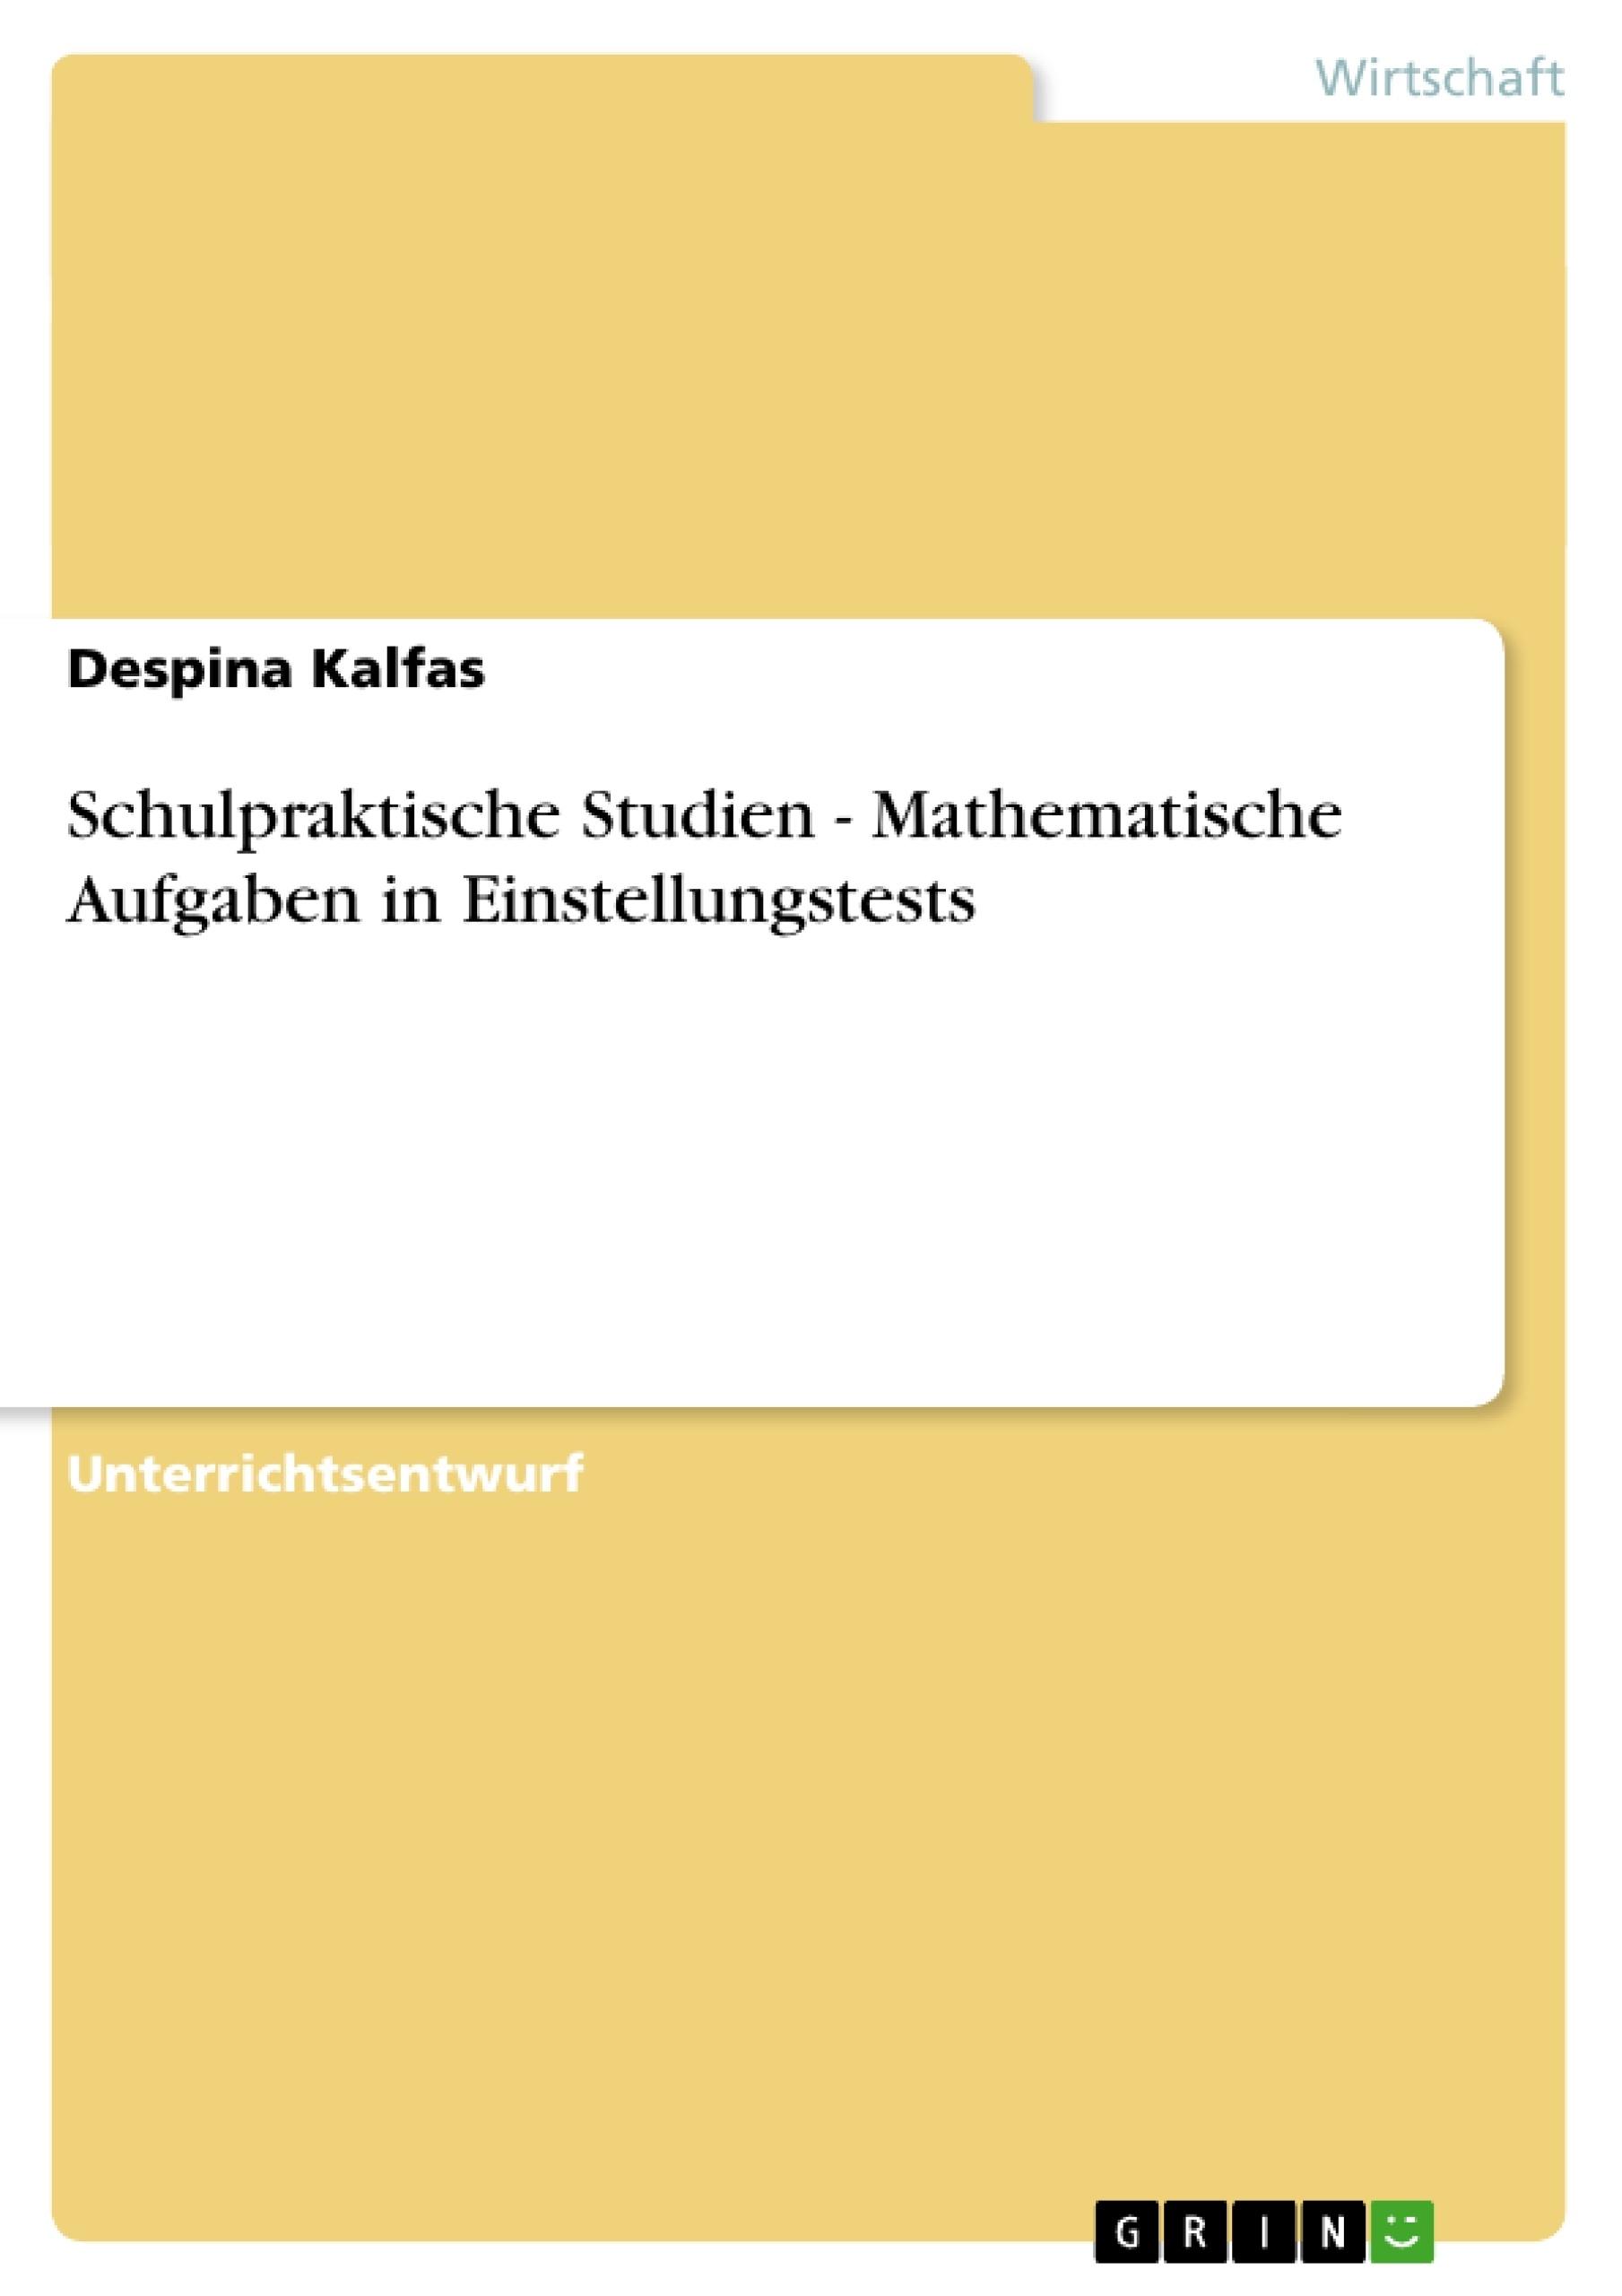 Titel: Schulpraktische Studien - Mathematische Aufgaben in Einstellungstests